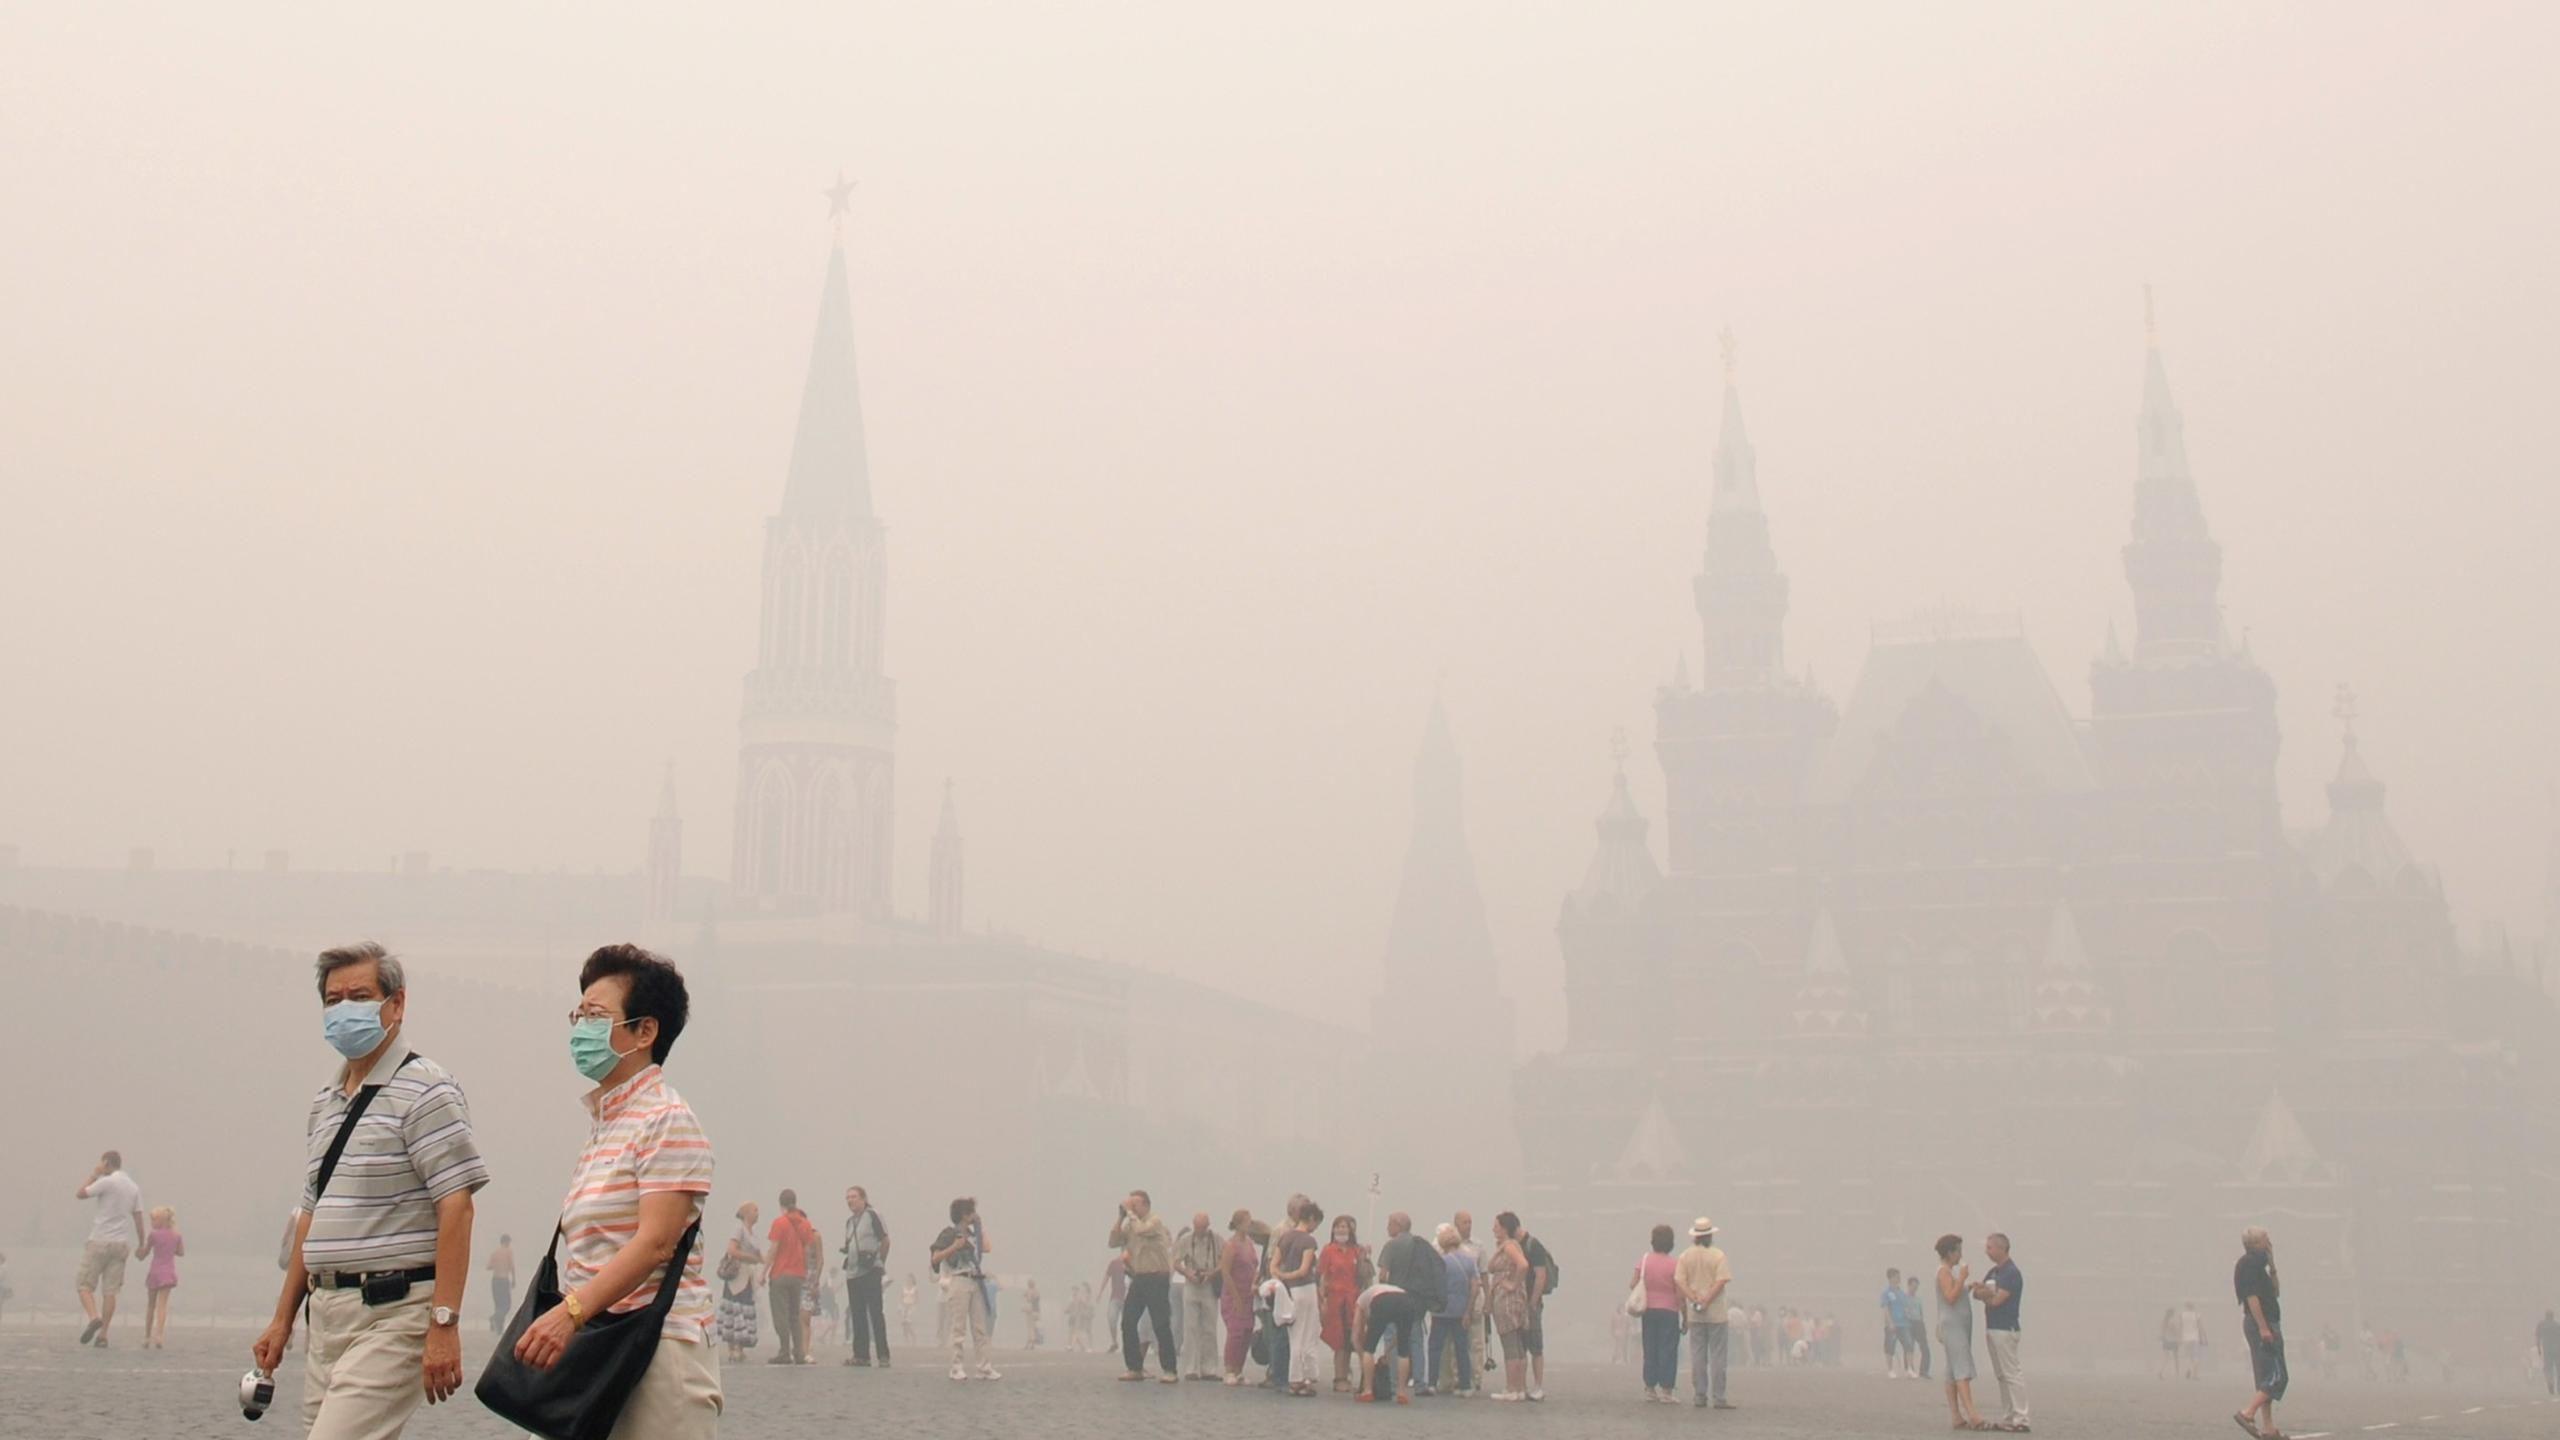 Миллион бобров завоевывает Евразию: к добру или к худу?